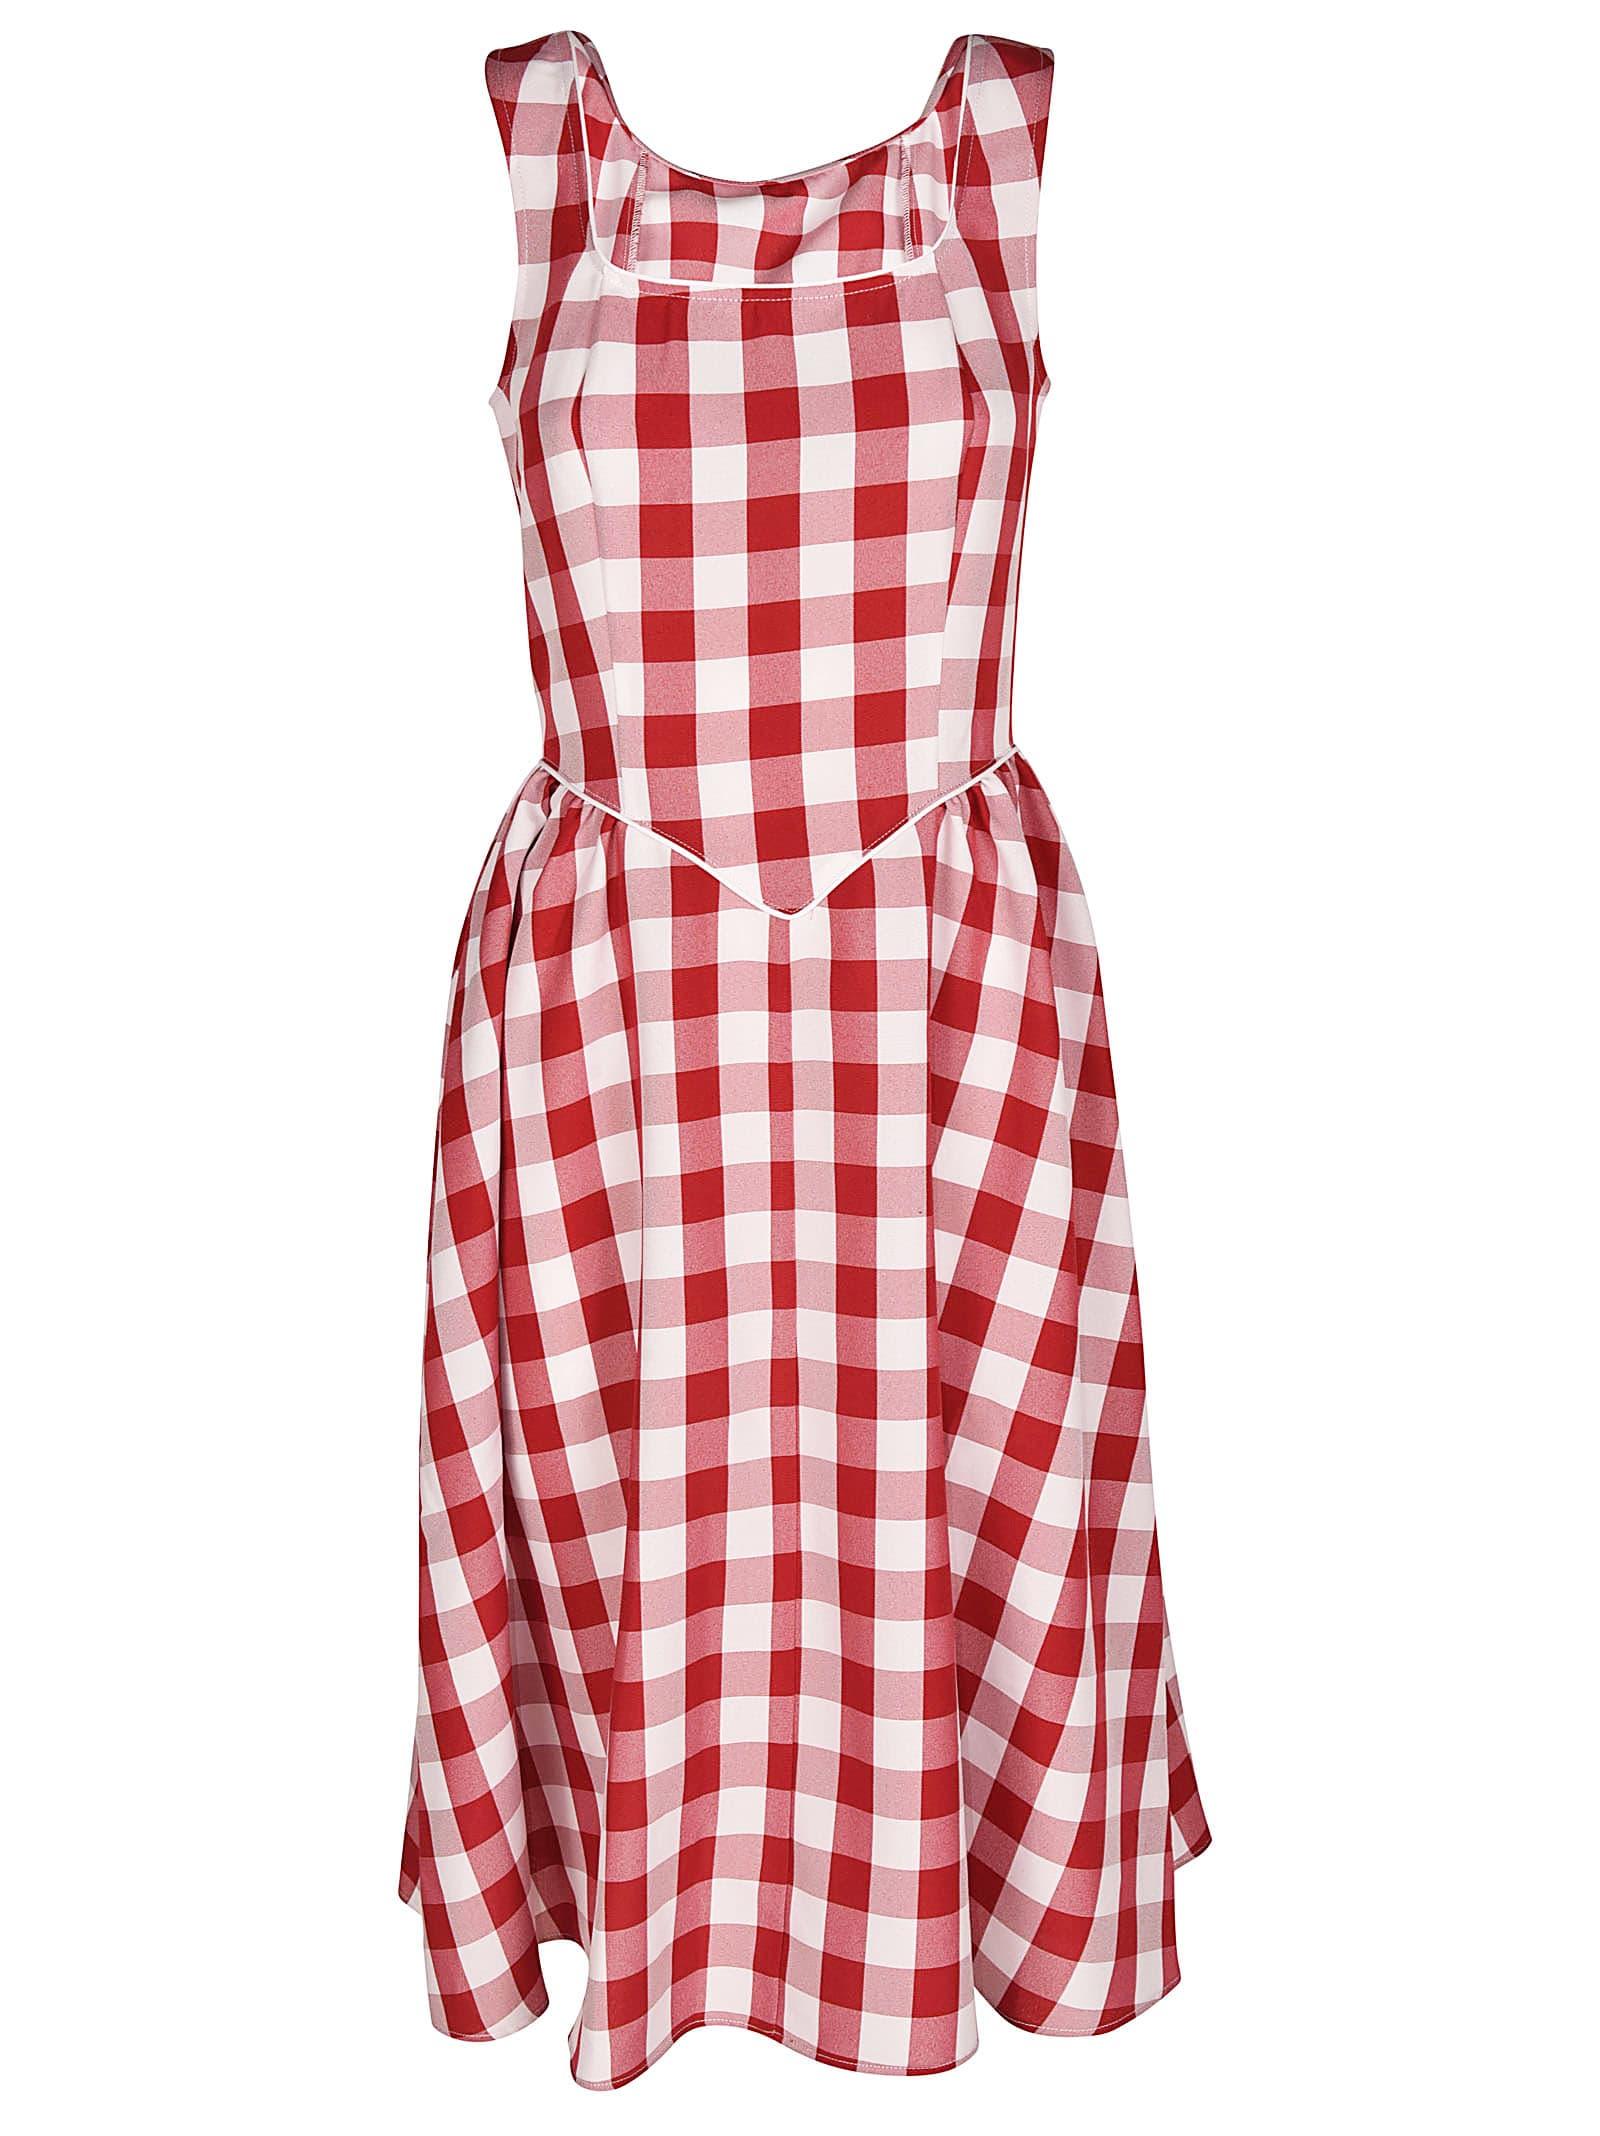 Batsheva Checked Dress